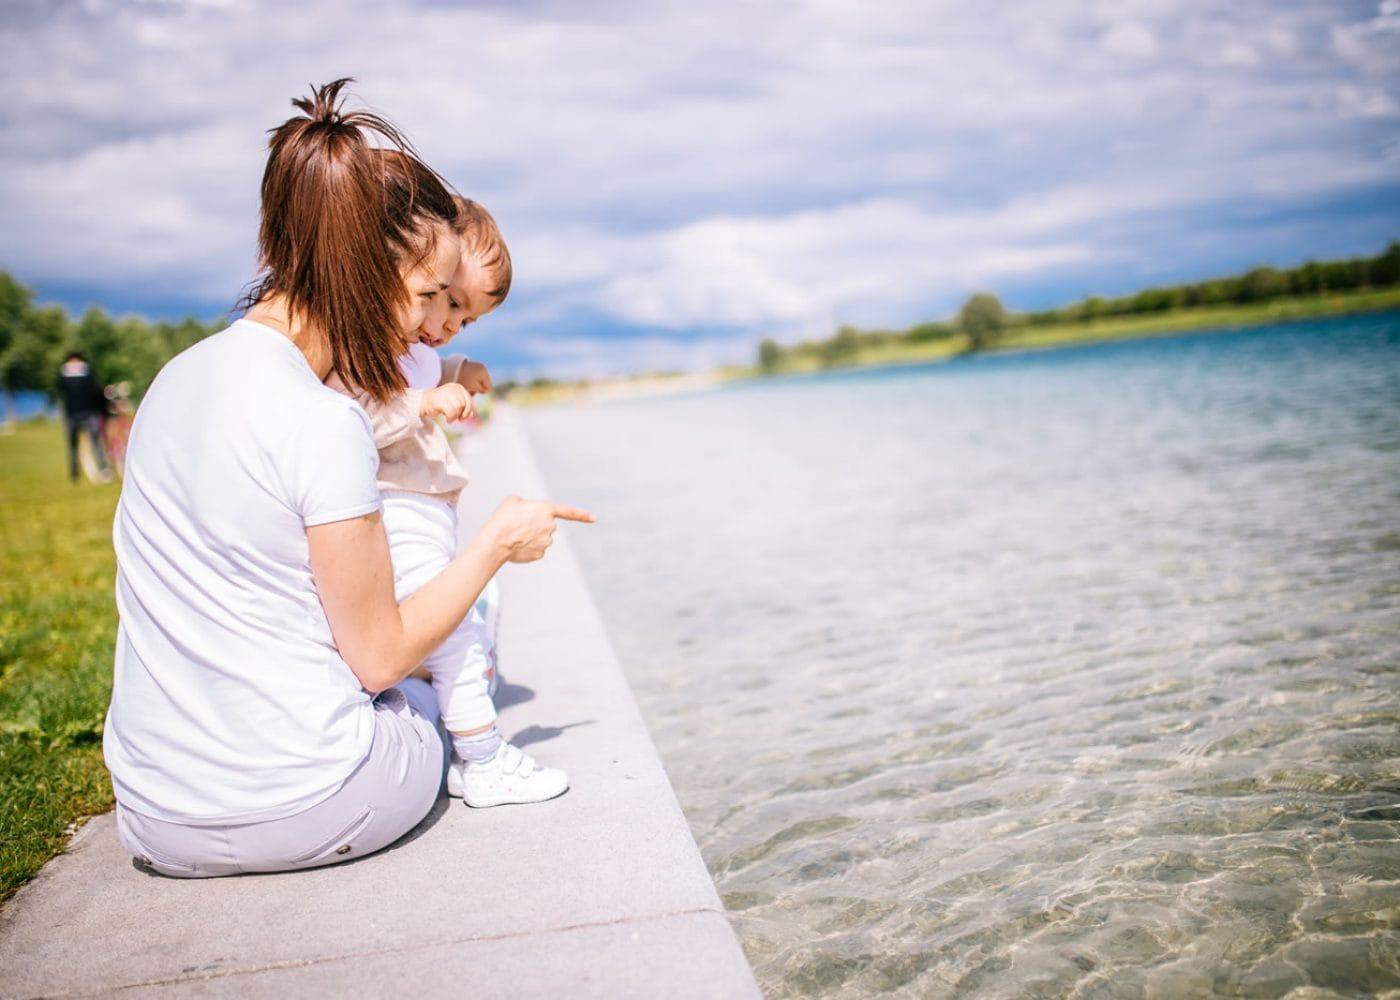 moeder met kind aan rand van het water